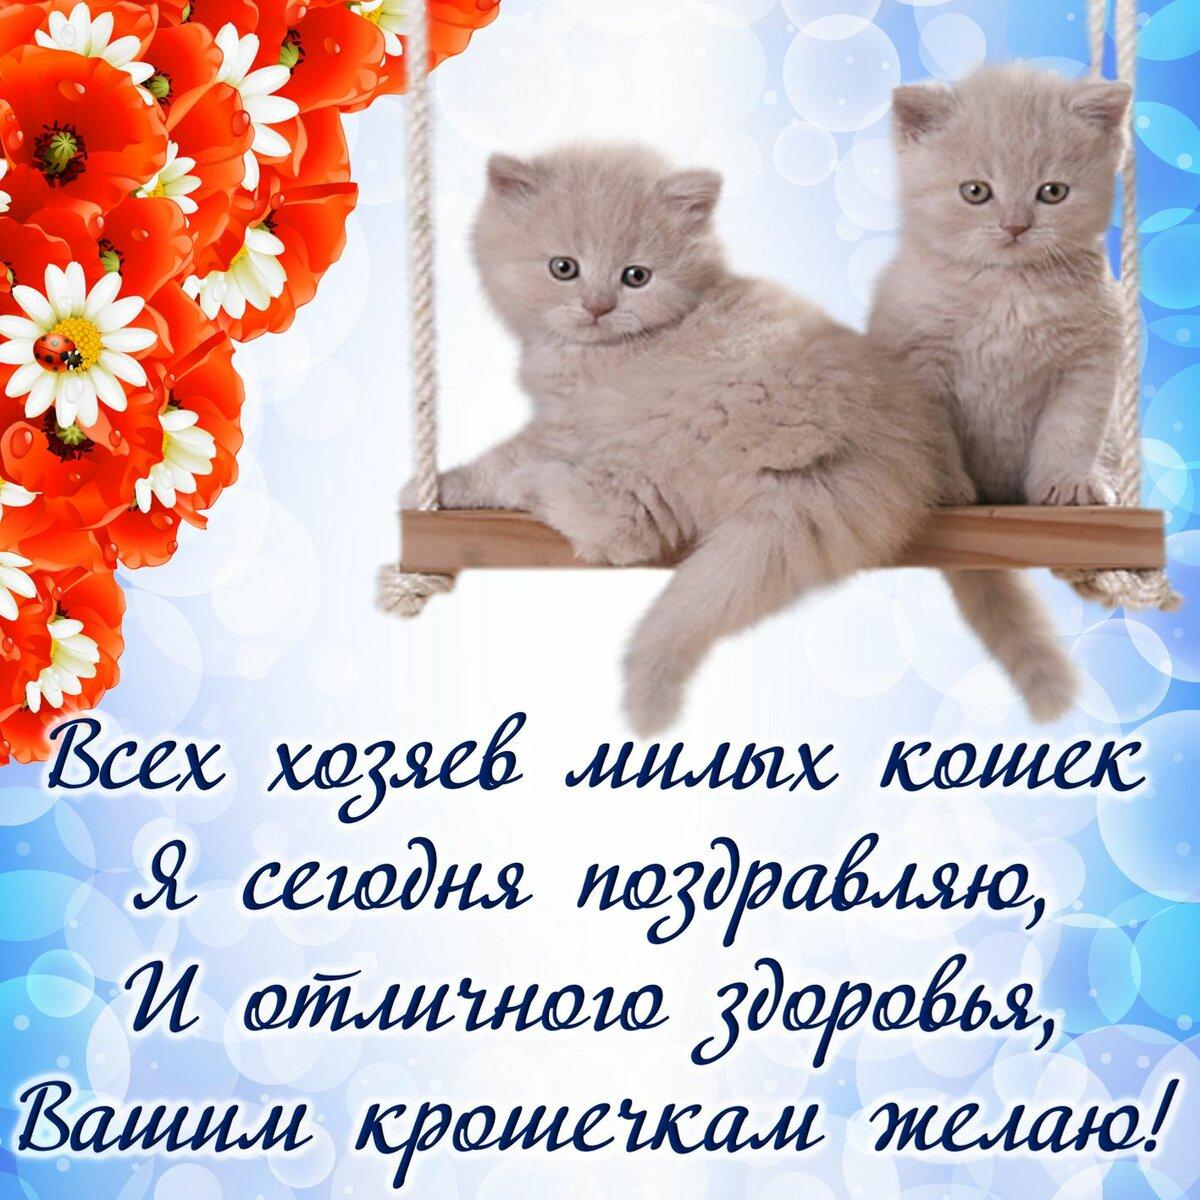 Поздравления со словами о кошках